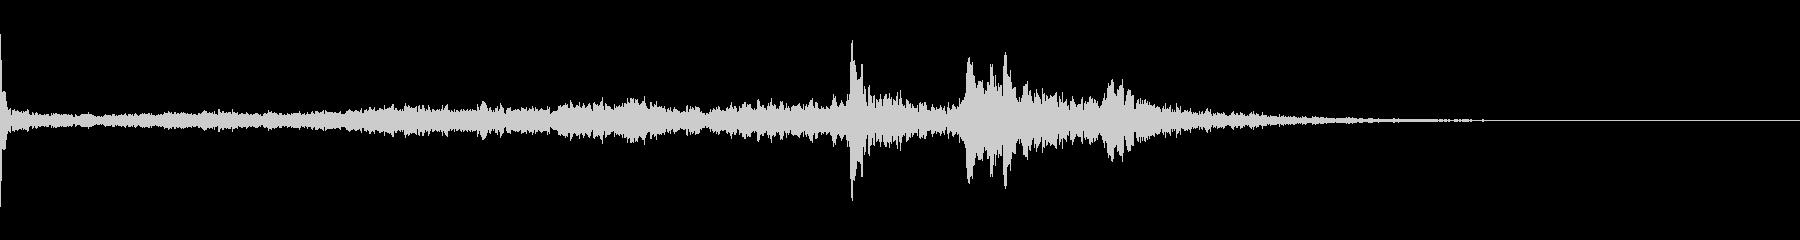 キーン(気配、耳鳴り)B6の未再生の波形